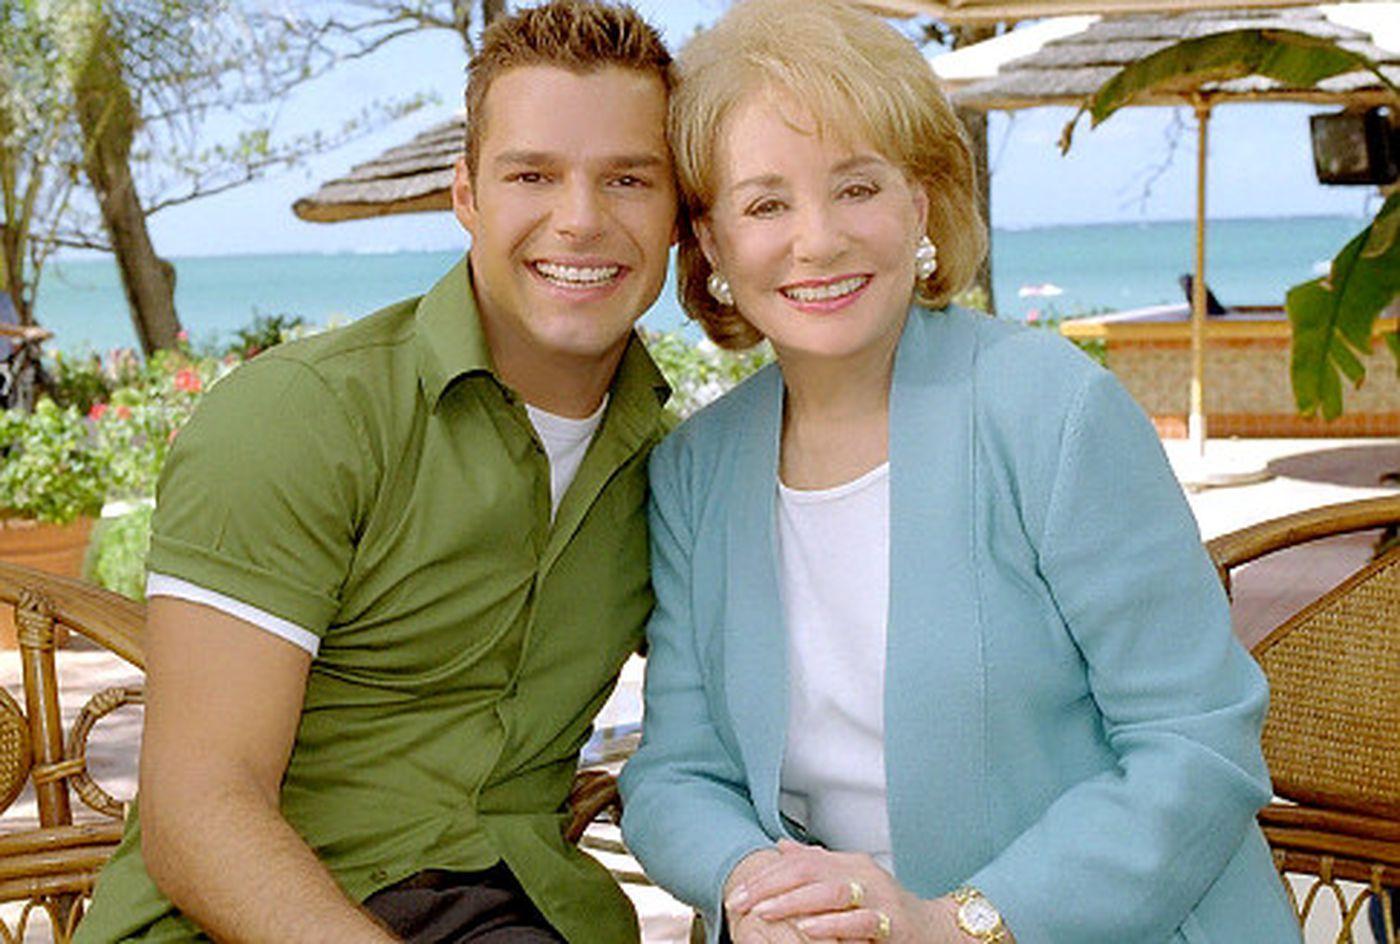 Barbara Walters and Ricky Martin